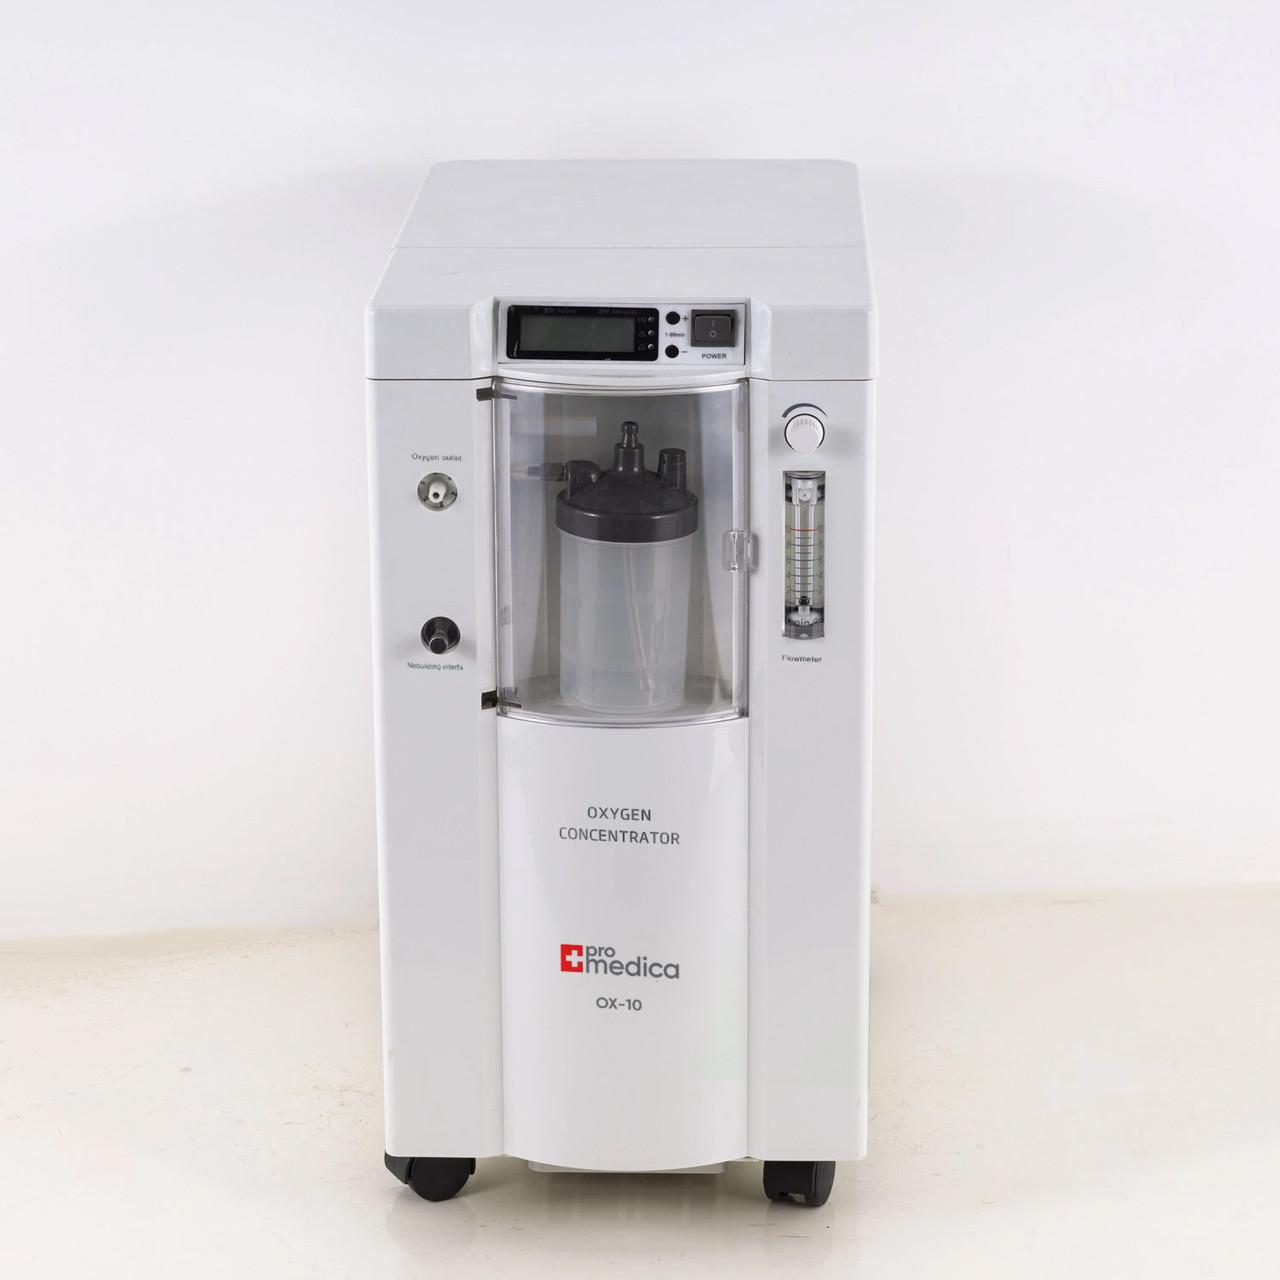 Кислородный концентратор ProMedica OX-10